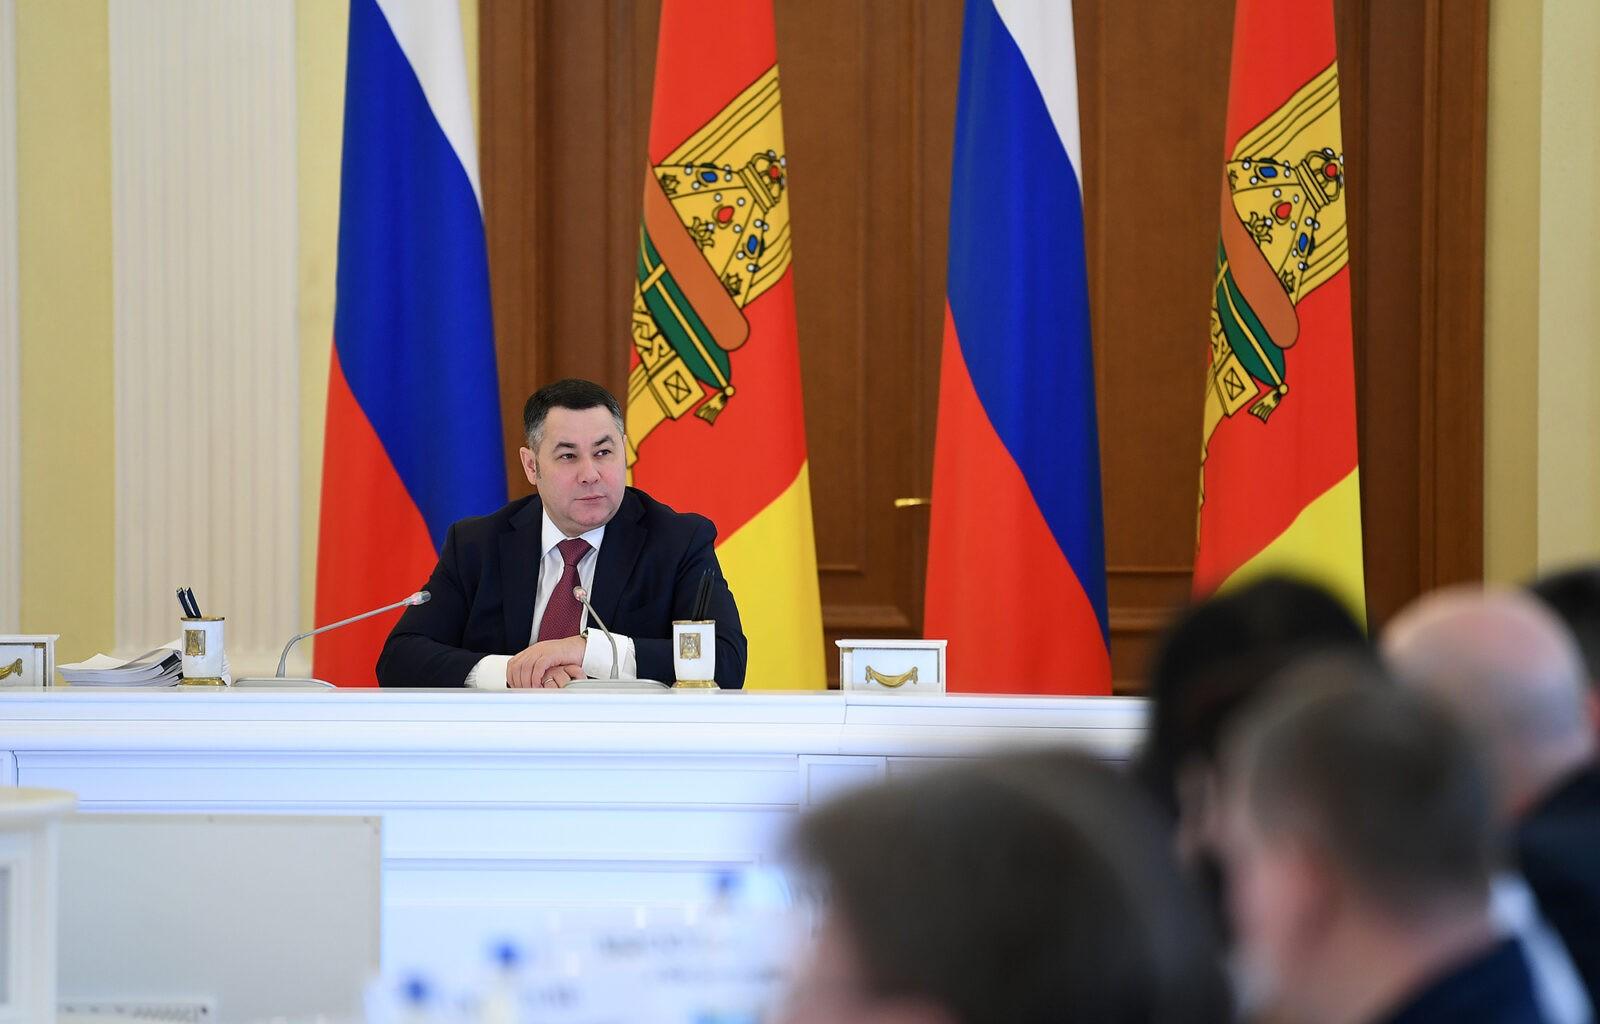 Игорь Руденя: ключевая цель развития экономки Тверской области — повышение качества жизни людей